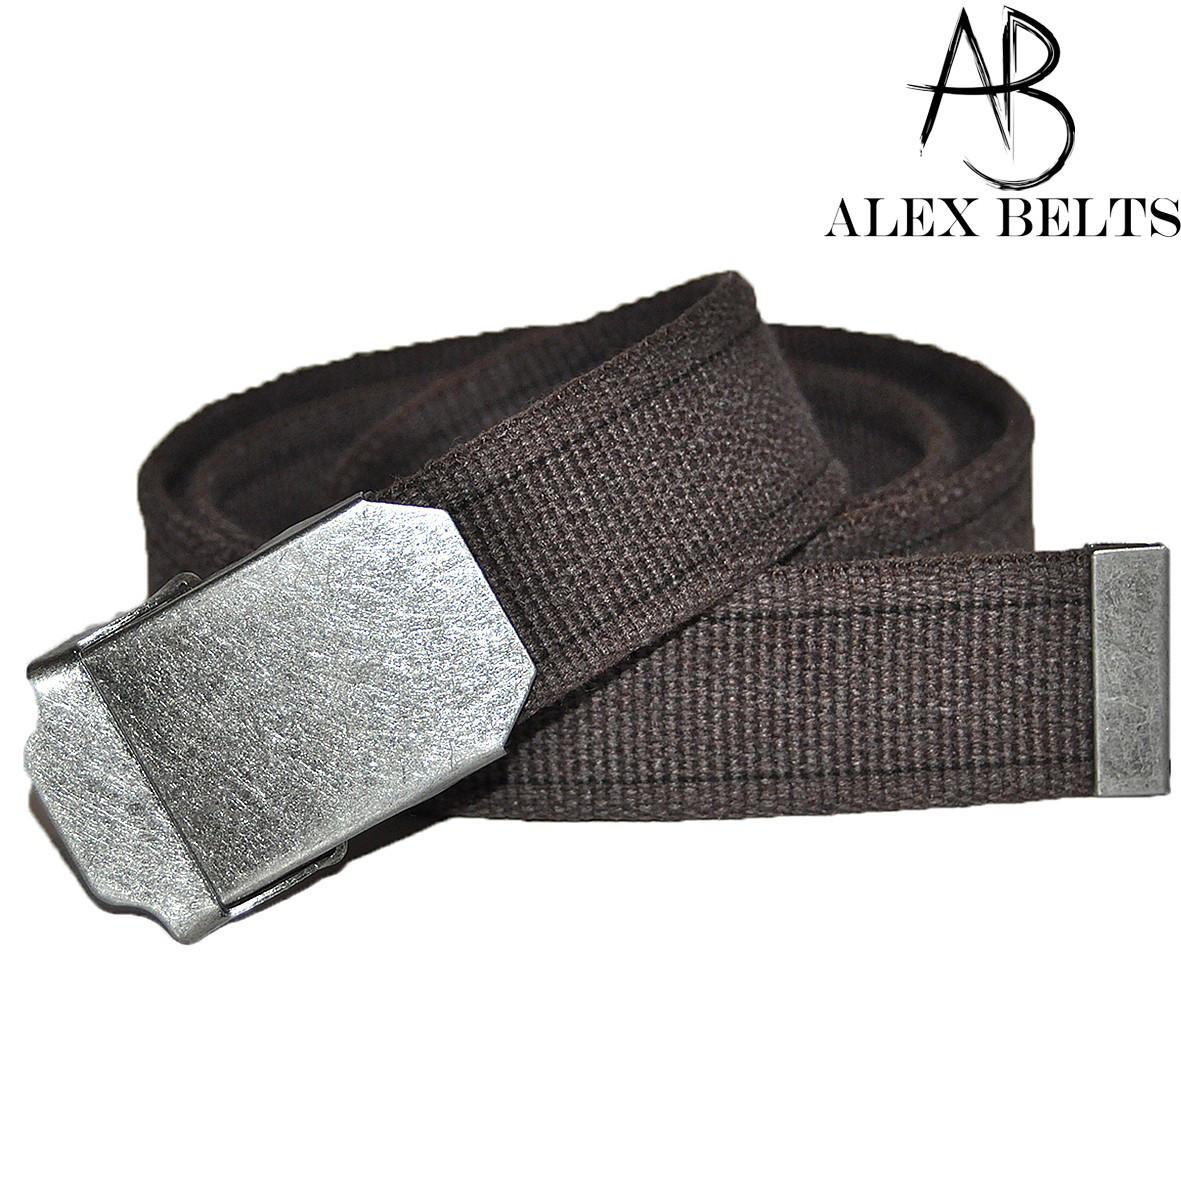 Ремень мужской джинсовый тканевый (коричневый) 40 мм-купить оптом в Одессе